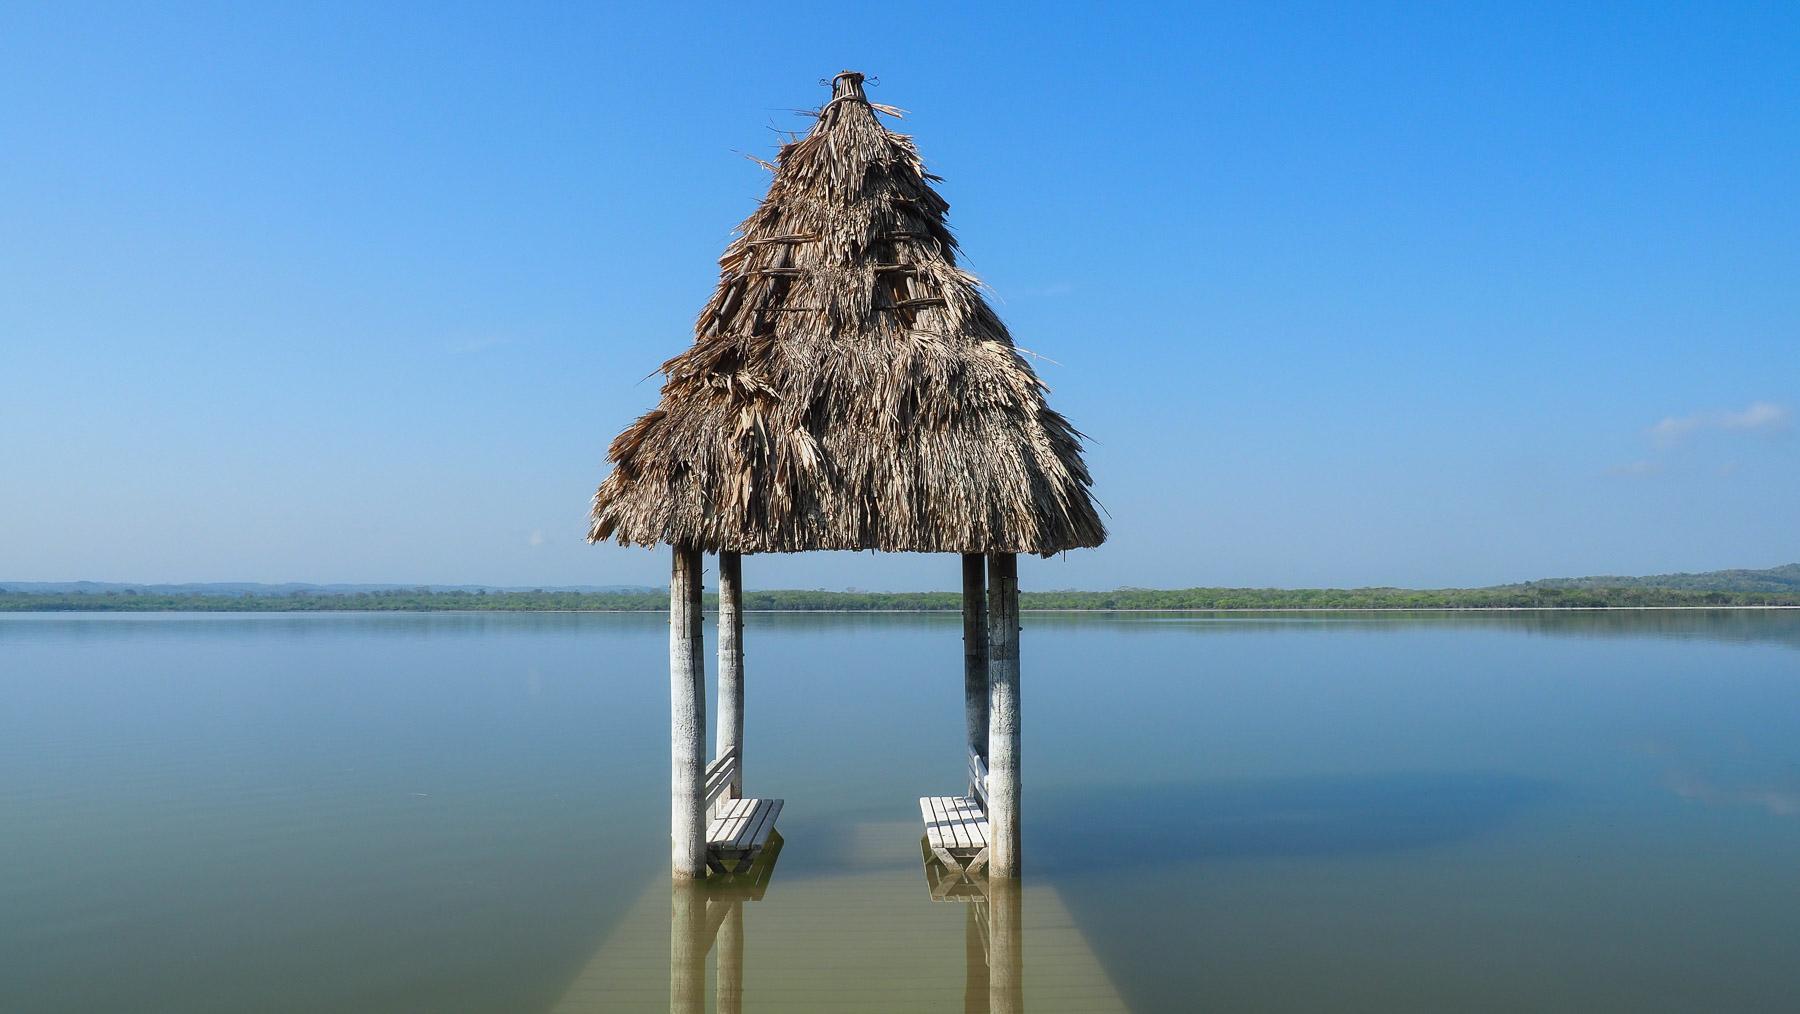 Ehemaliger Bootsanlegeplatz an dem einsamen See